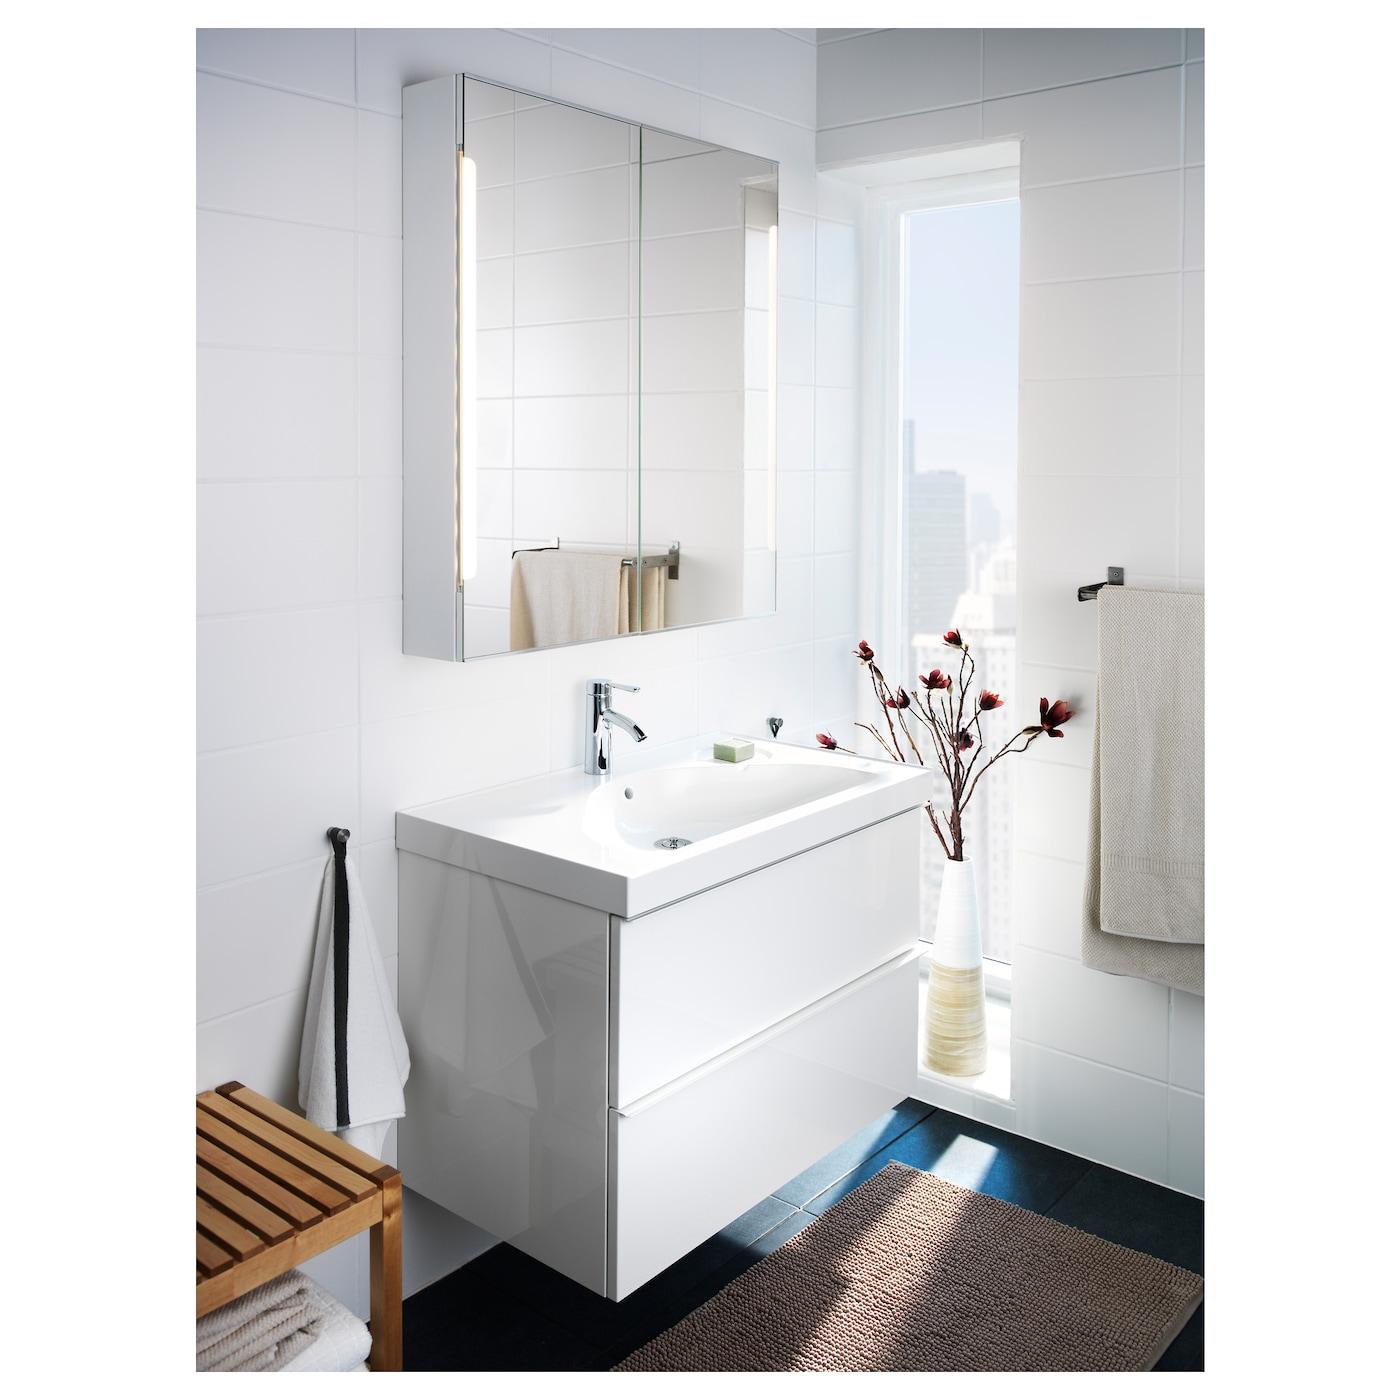 Ratgeber: Beleuchtung & Spiegelschränke im Bad IKEA